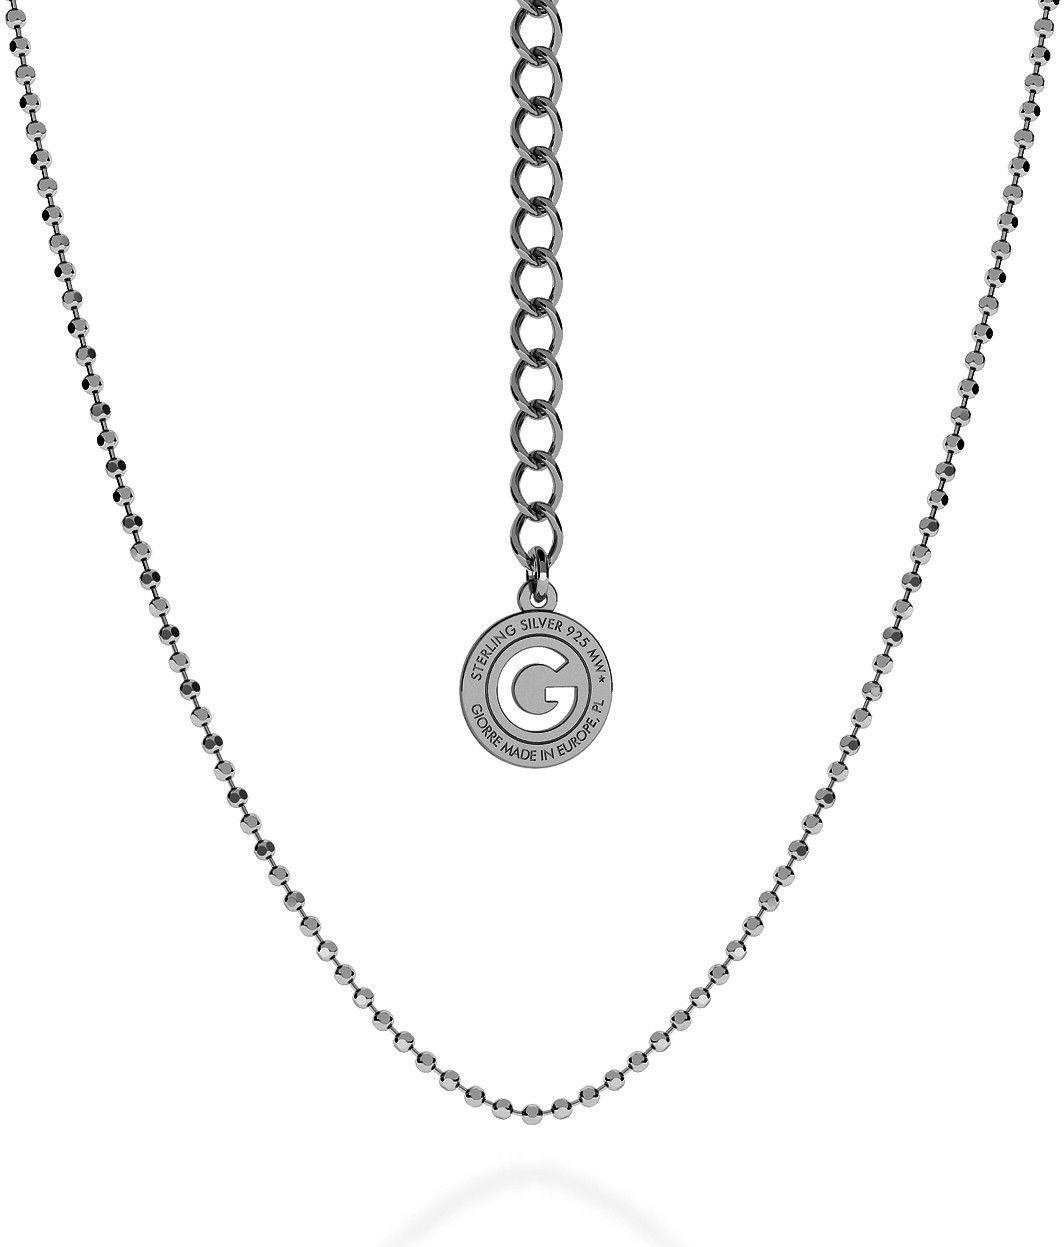 Męski łańcuszek pancerka, srebro 925 : Długość (cm) - 45, Srebro - kolor pokrycia - Pokrycie platyną